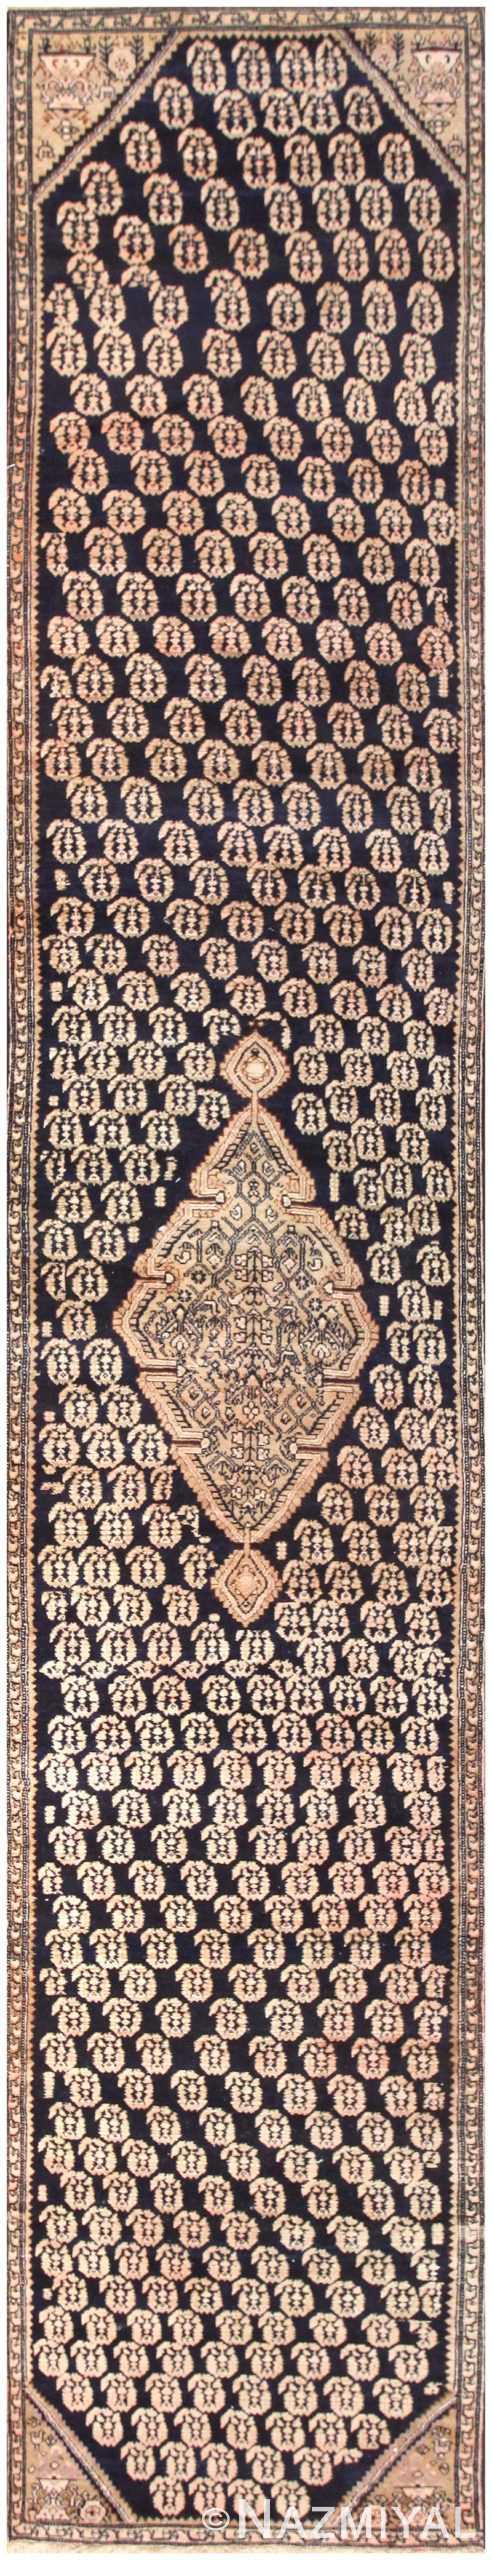 Antique Paisley Design Persian Malayer Runner Rug 50419 Nazmiyal